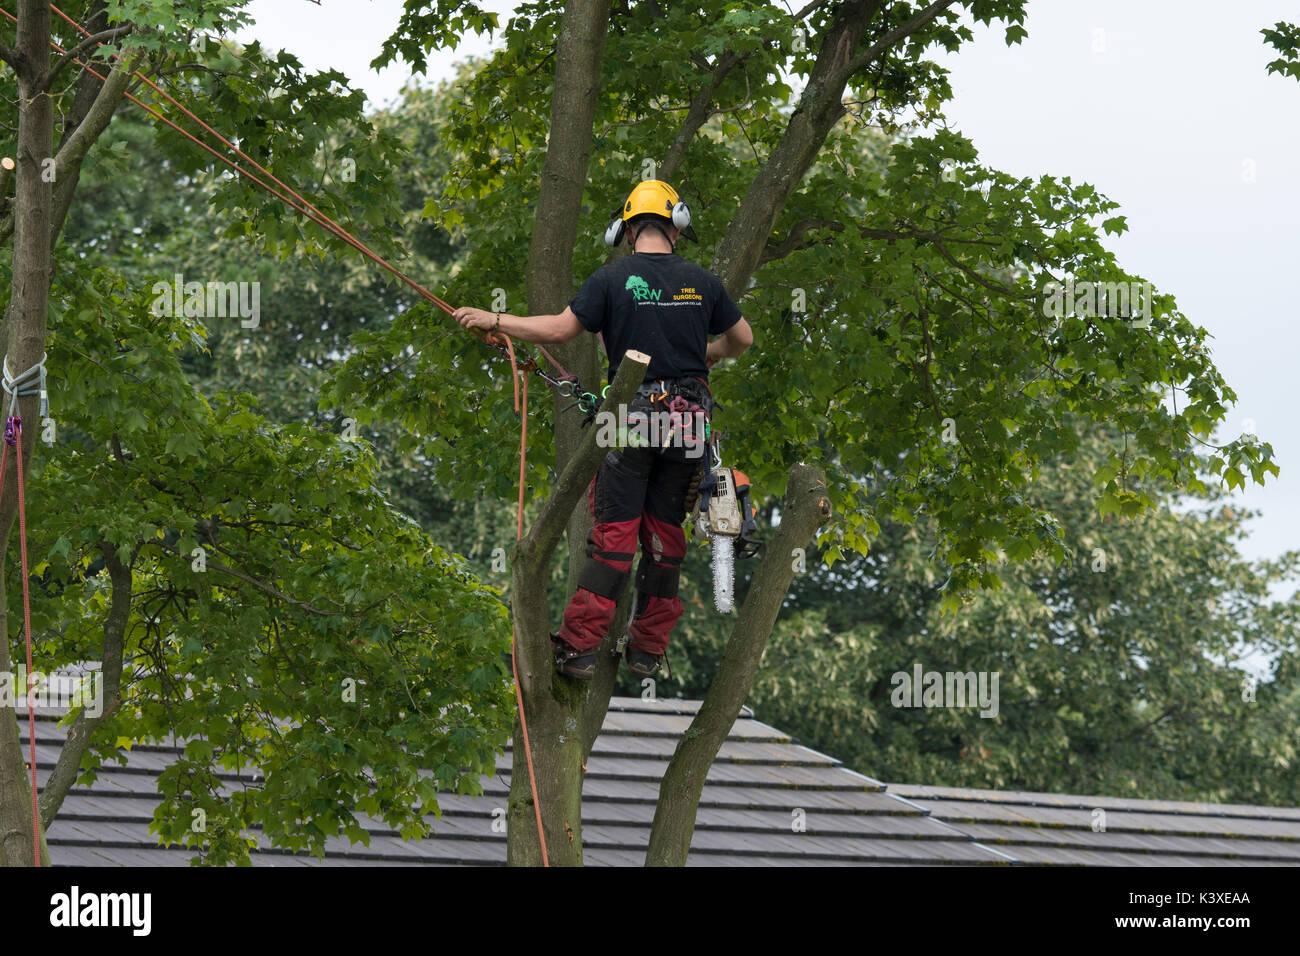 Kletterausrüstung Baum : Baum chirurg in schutzausrüstung arbeiten mit kletterseilen für